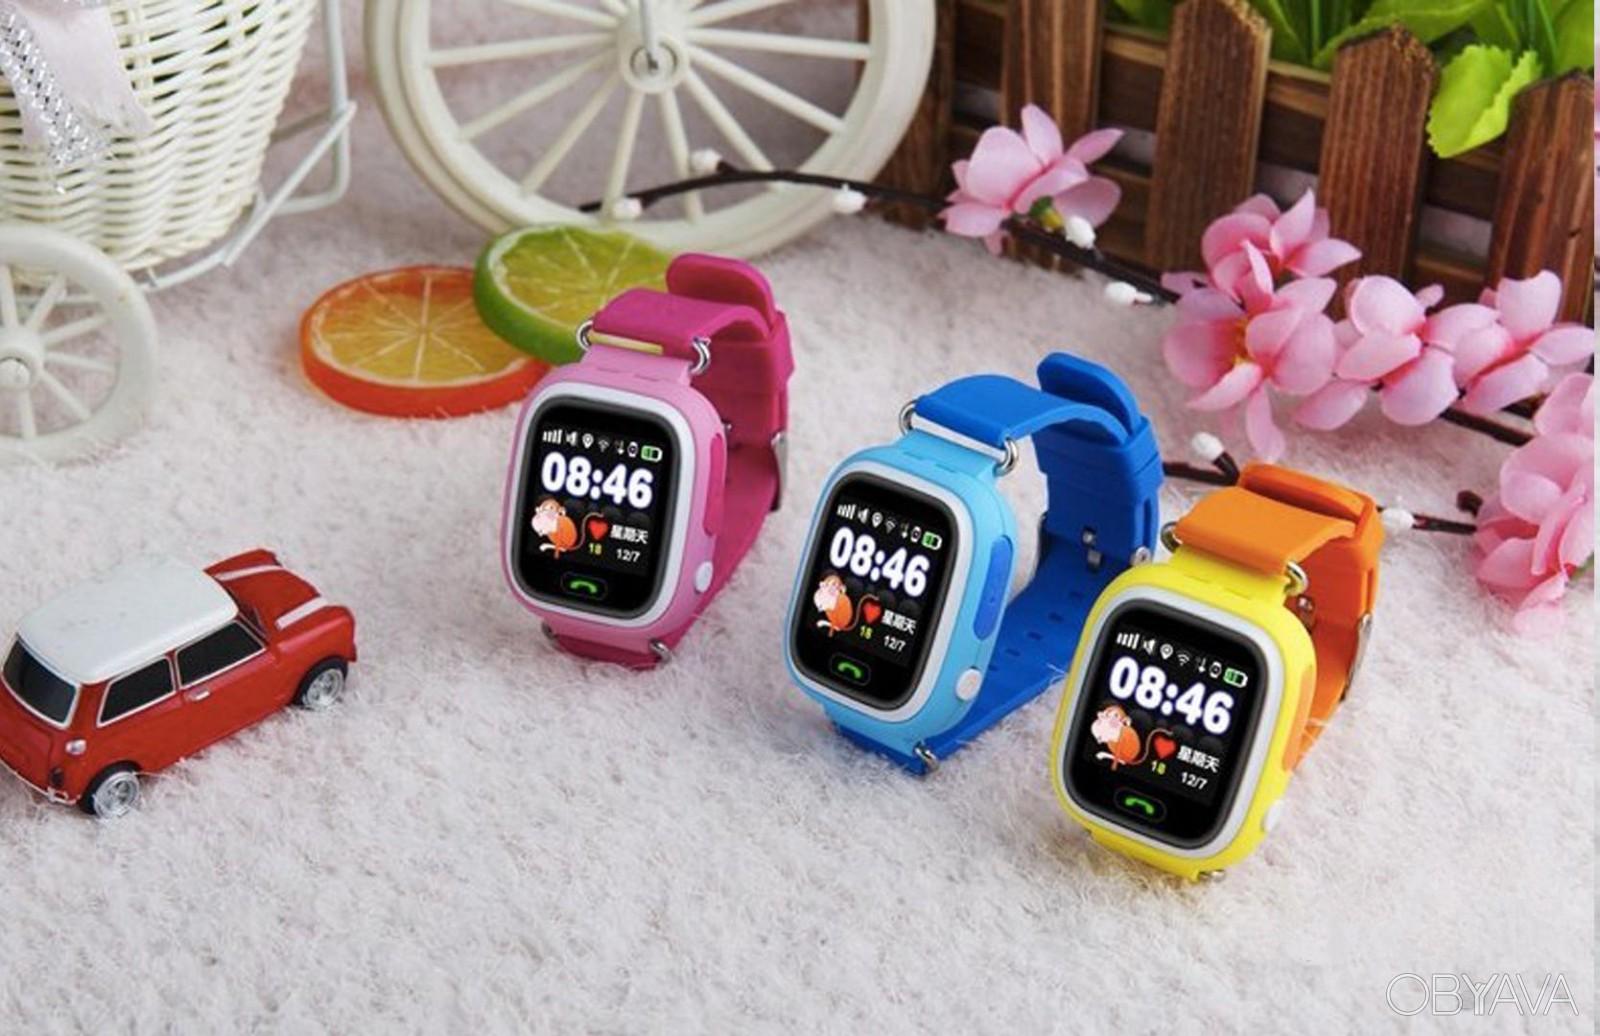 Умные часы wonlex gw описание, характеристики, отзывы покупателей, фото.